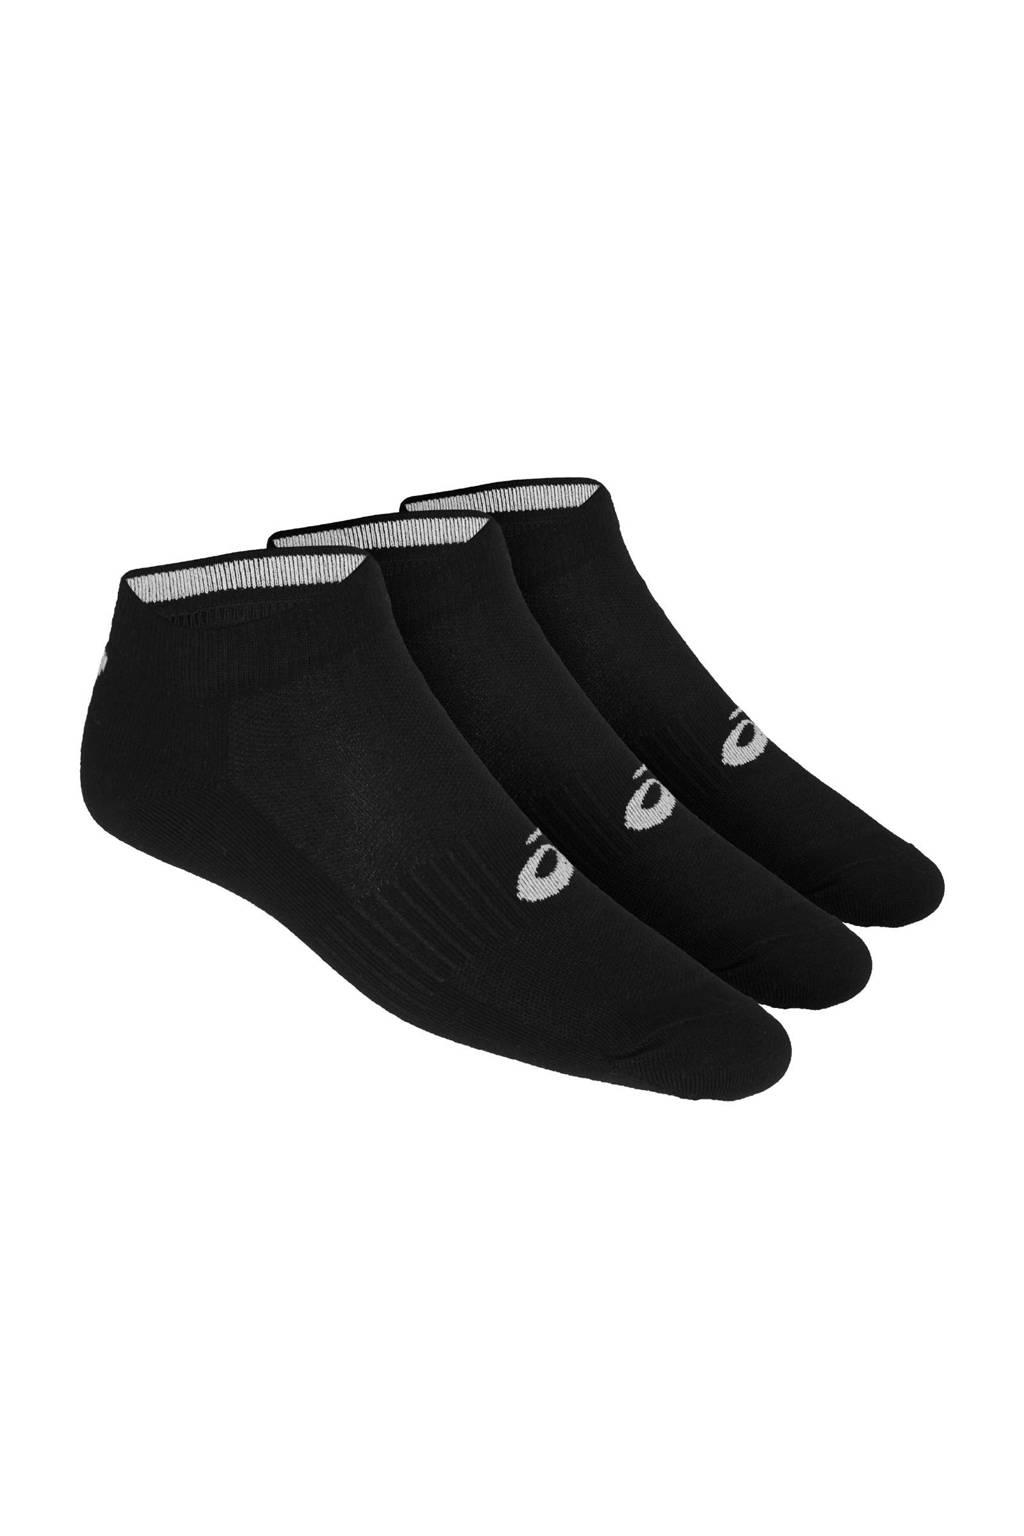 ASICS   sportsokken (set van 3 paar) zwart, Zwart